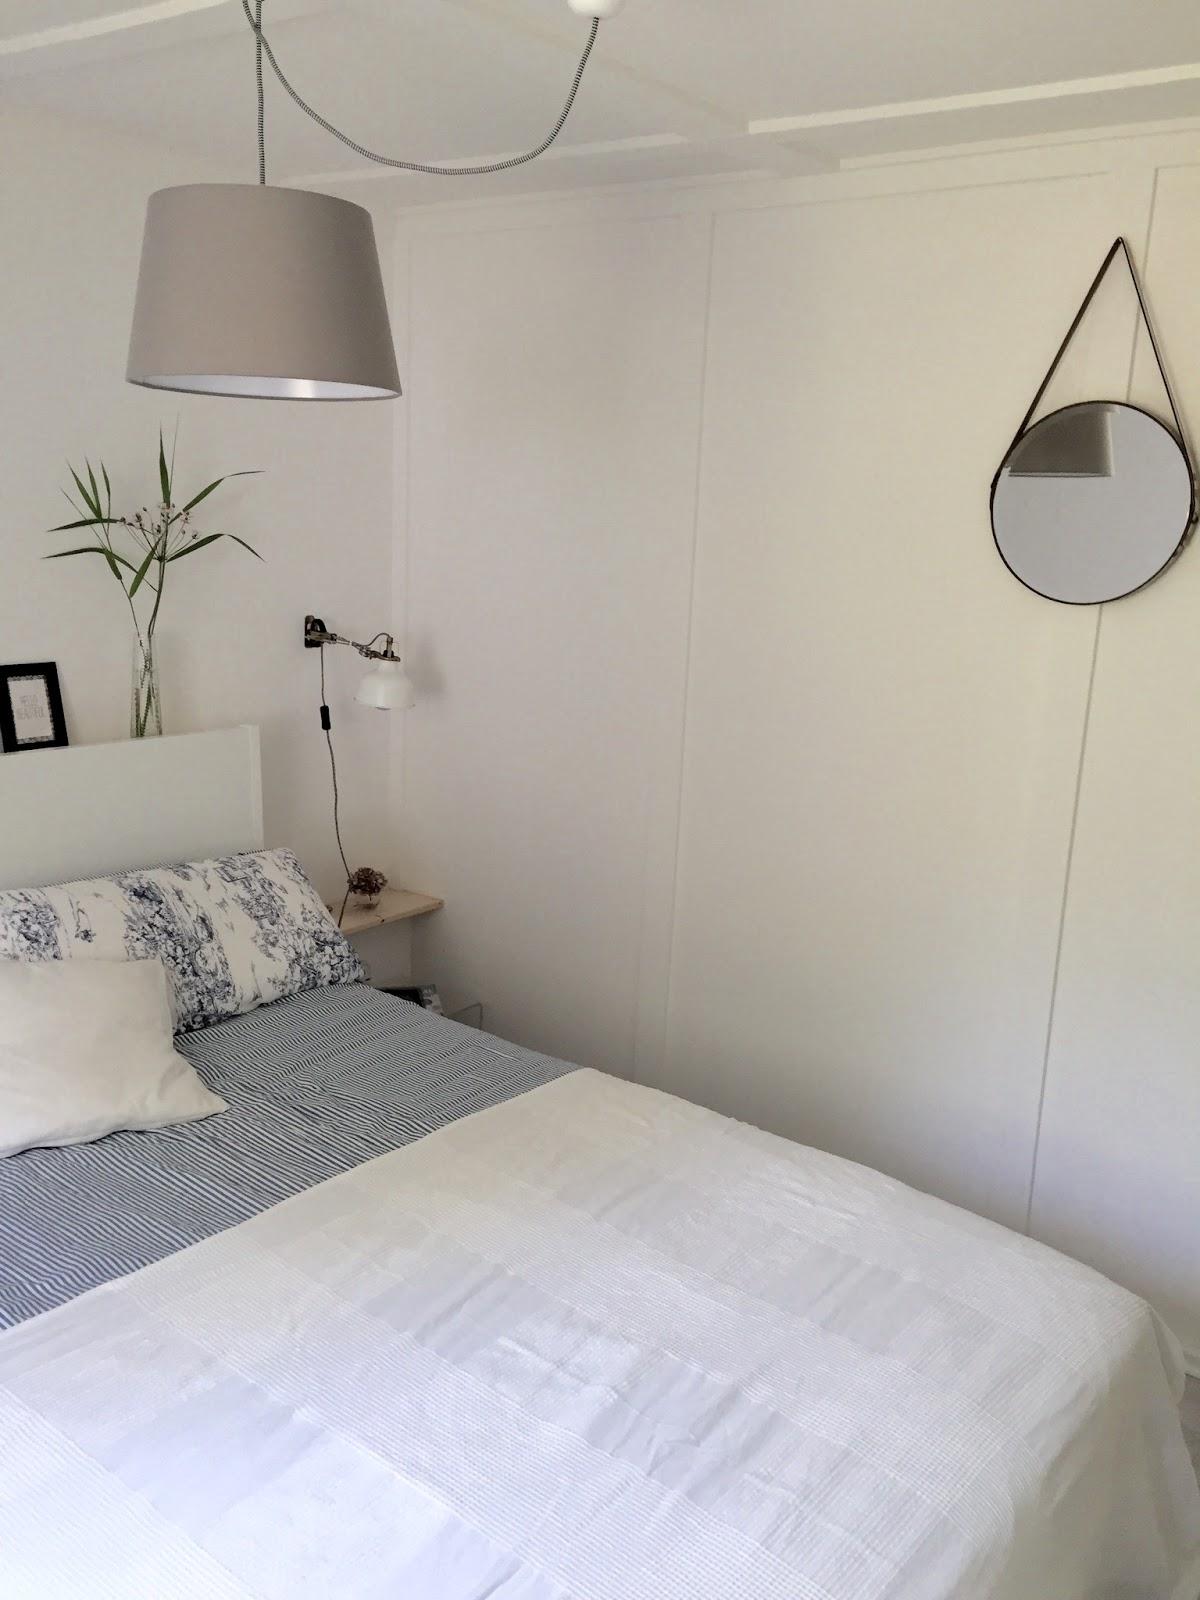 Lauxhaus Unser Schlafzimmer Vorher Nachher Schlafzimmer Vorher Nachher